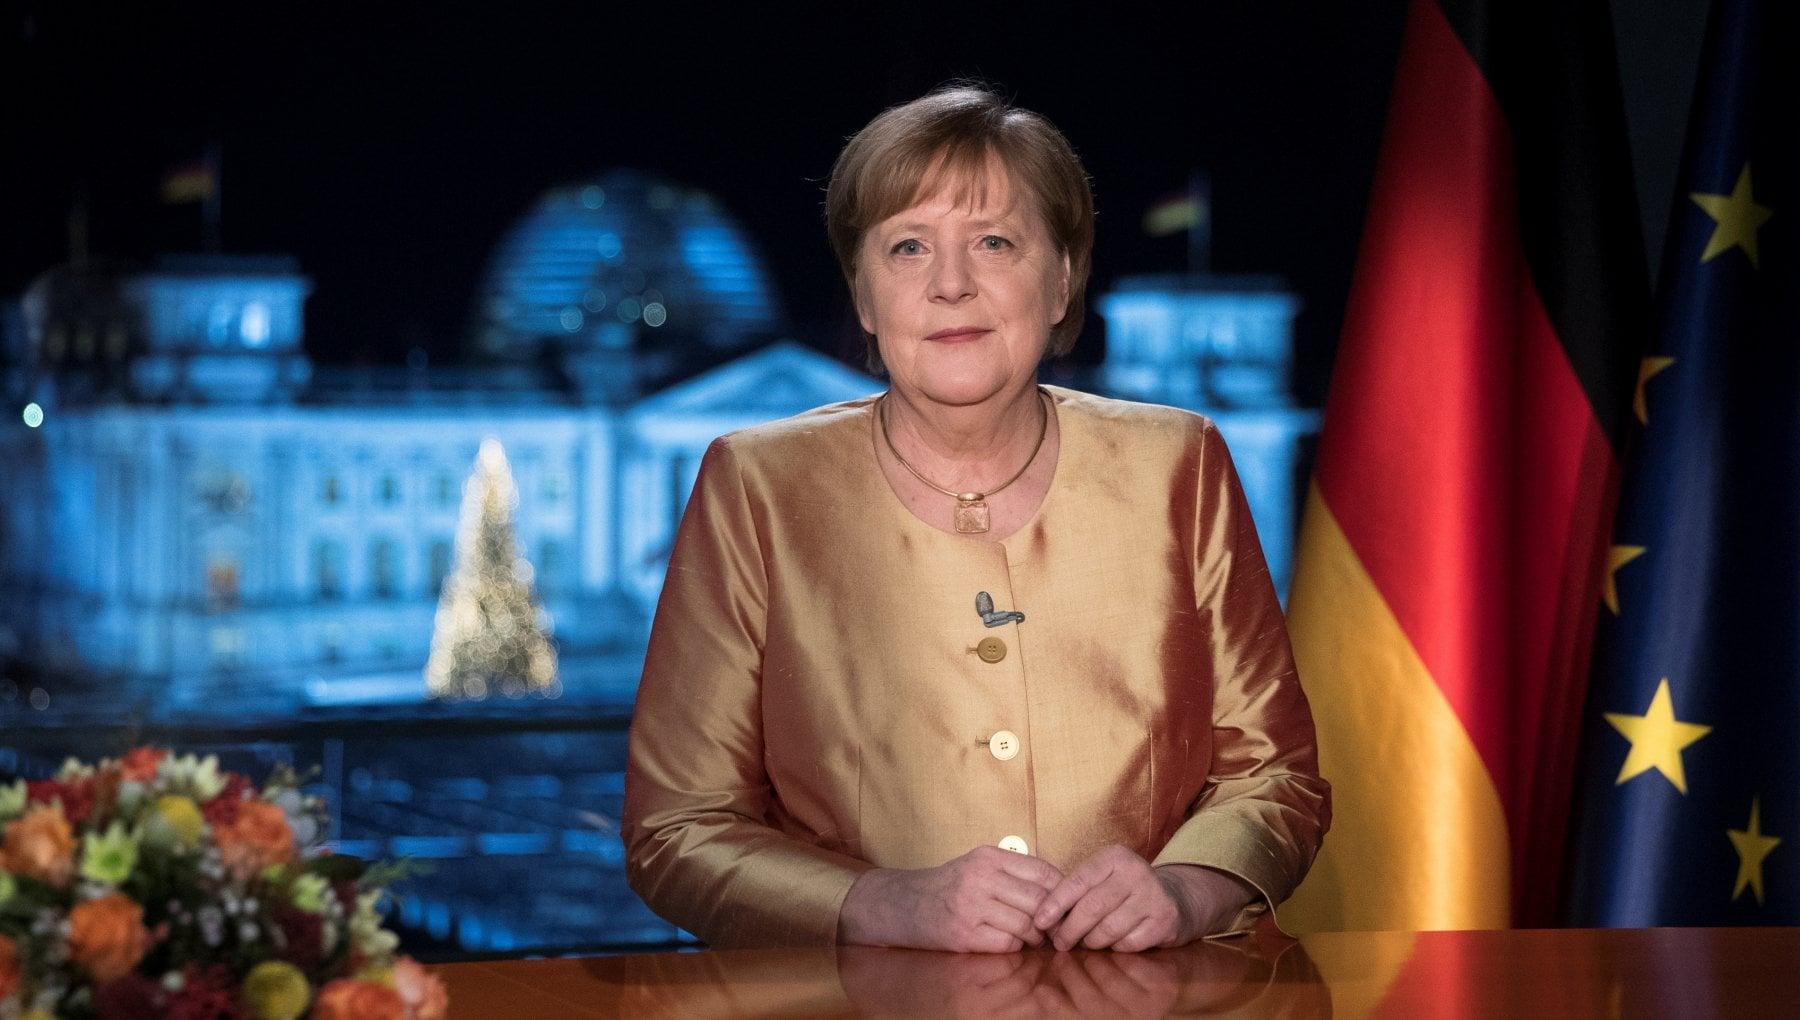 Pandemia vaccini ma anche Brexit nei discorsi di Merkel Macron e Johnson